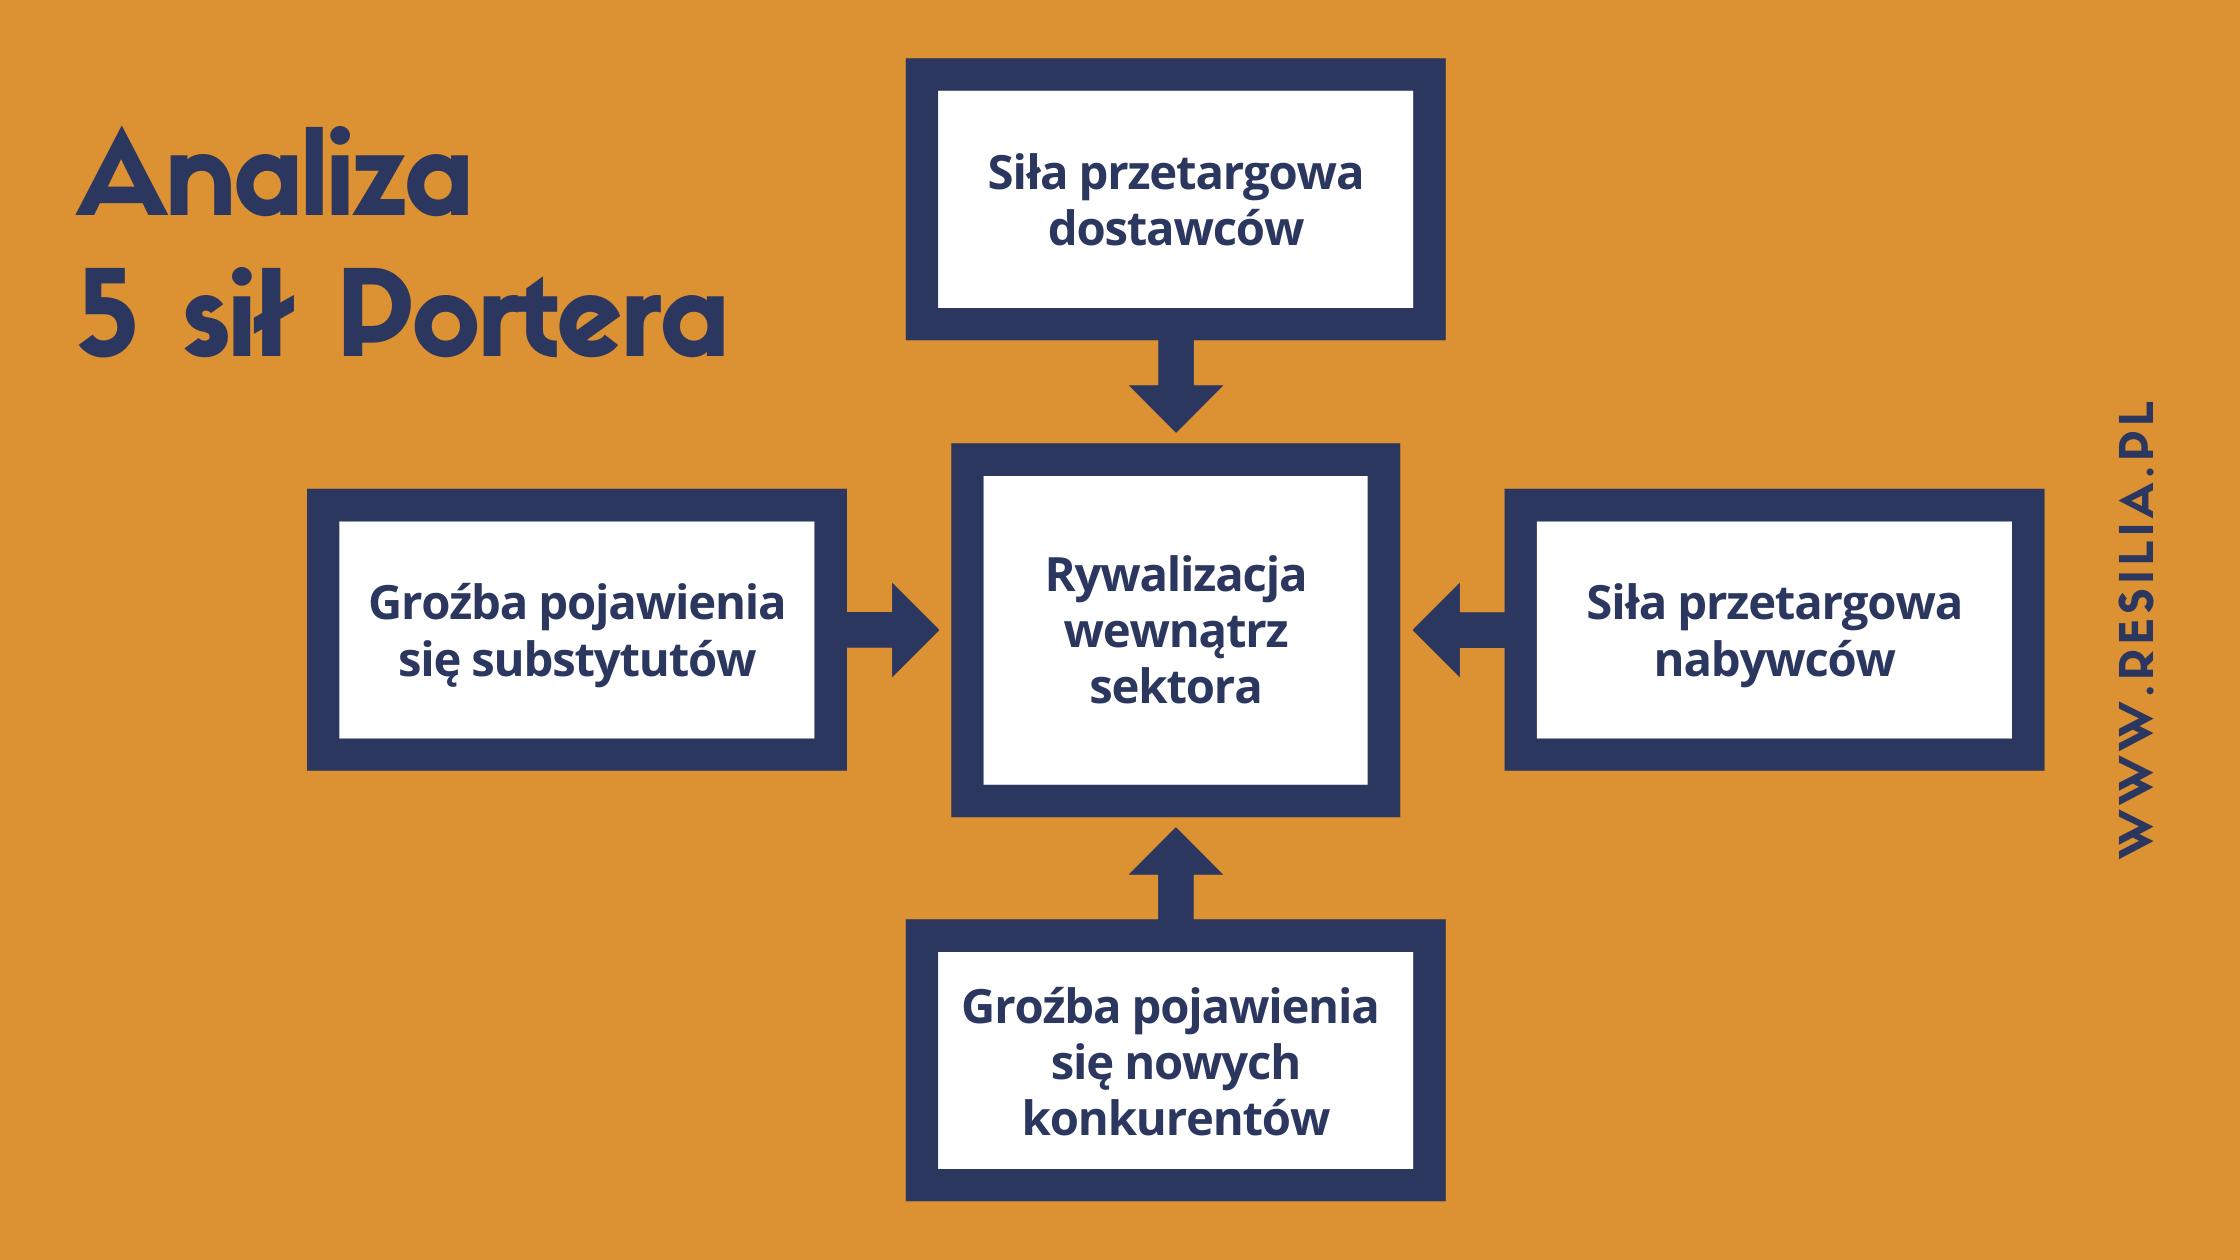 Analiza 5 sił Portera na czym polega metoda